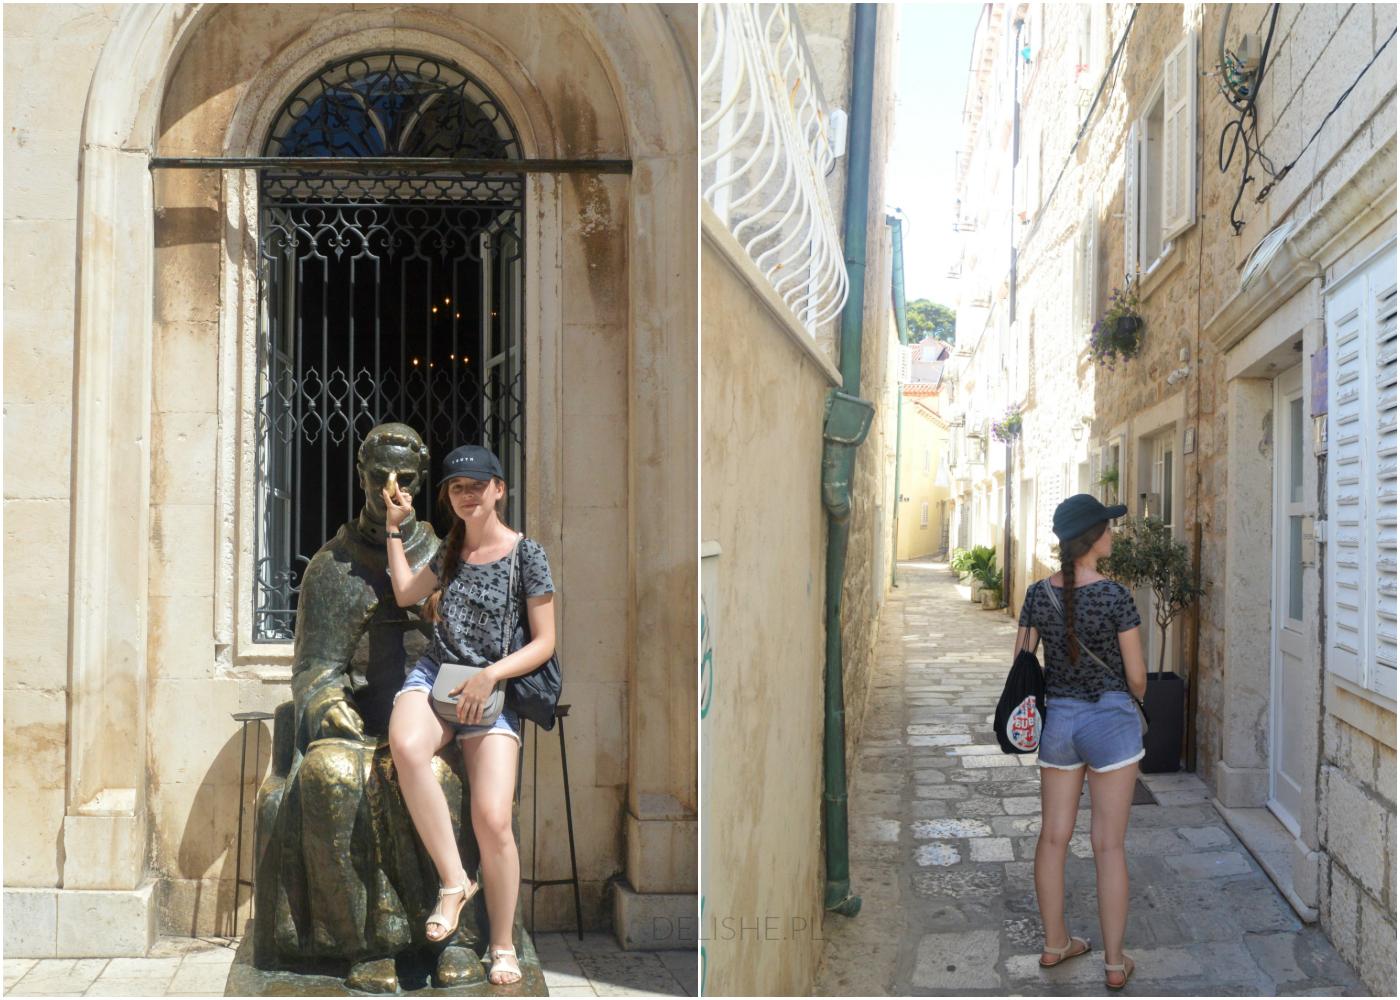 sposób na miłość Chorwacja blog